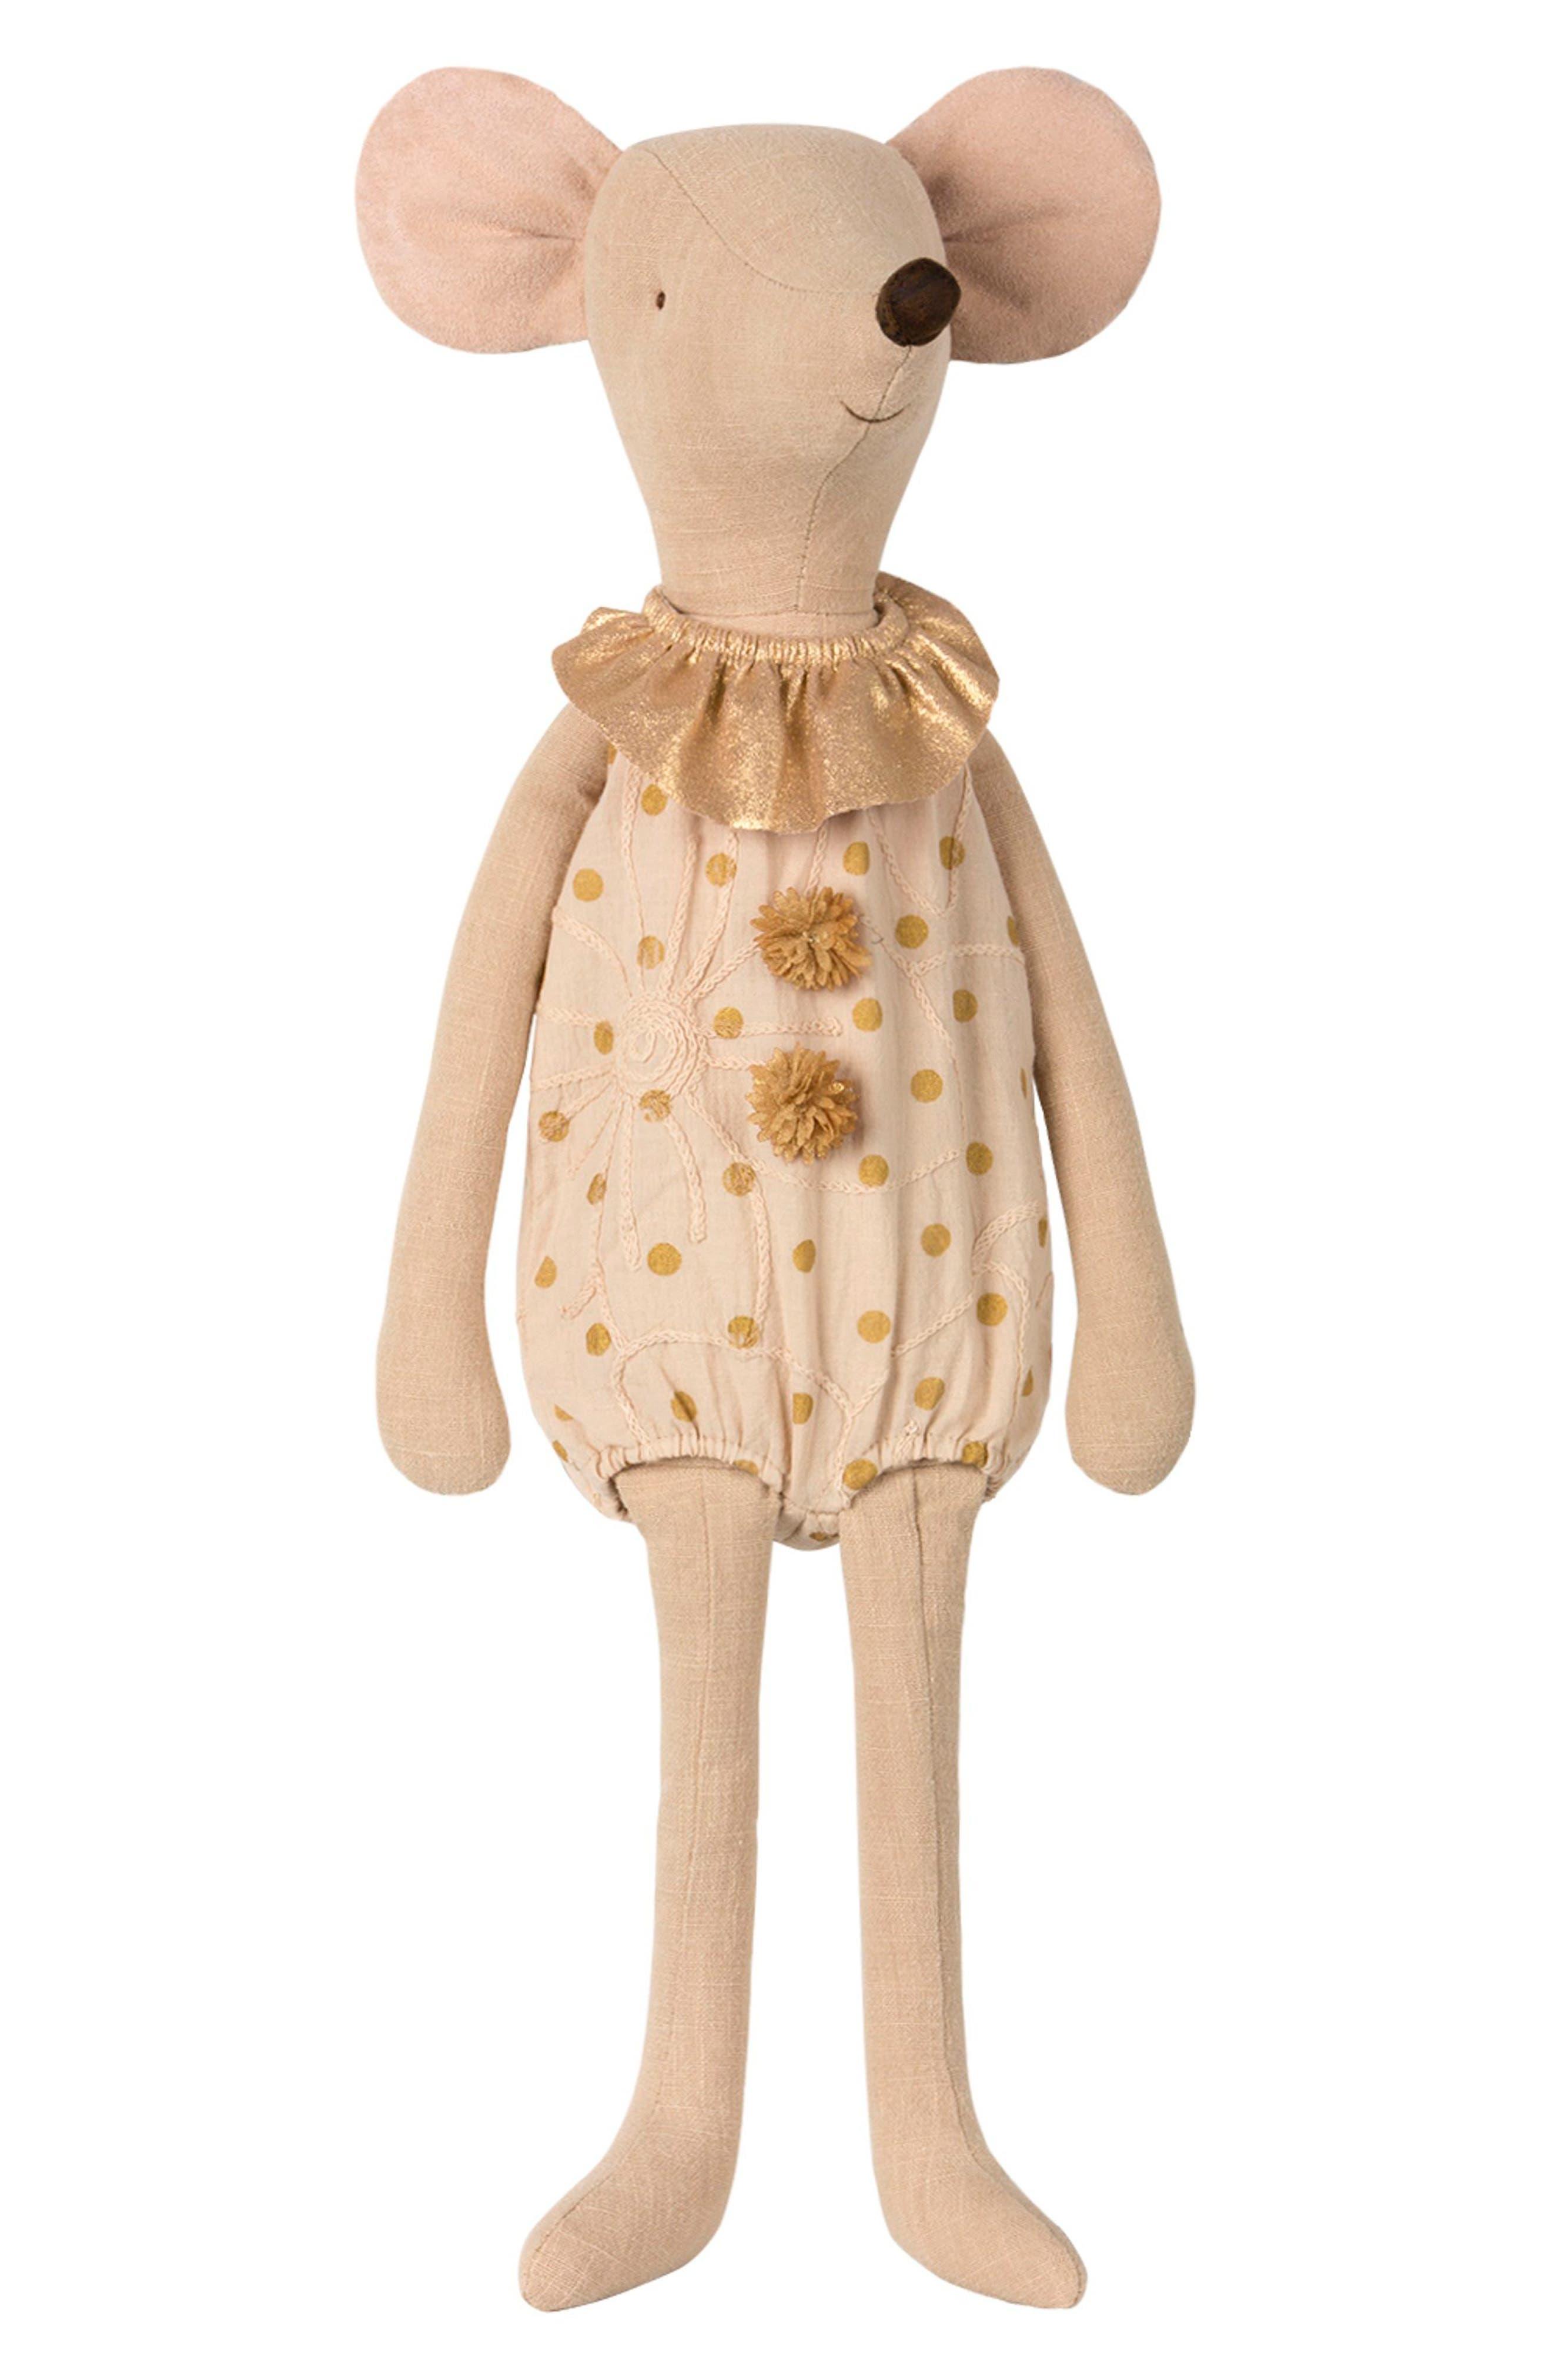 Maxi Circus Girl Mouse Stuffed Animal,                         Main,                         color, Creme With Polka-Dot Gold